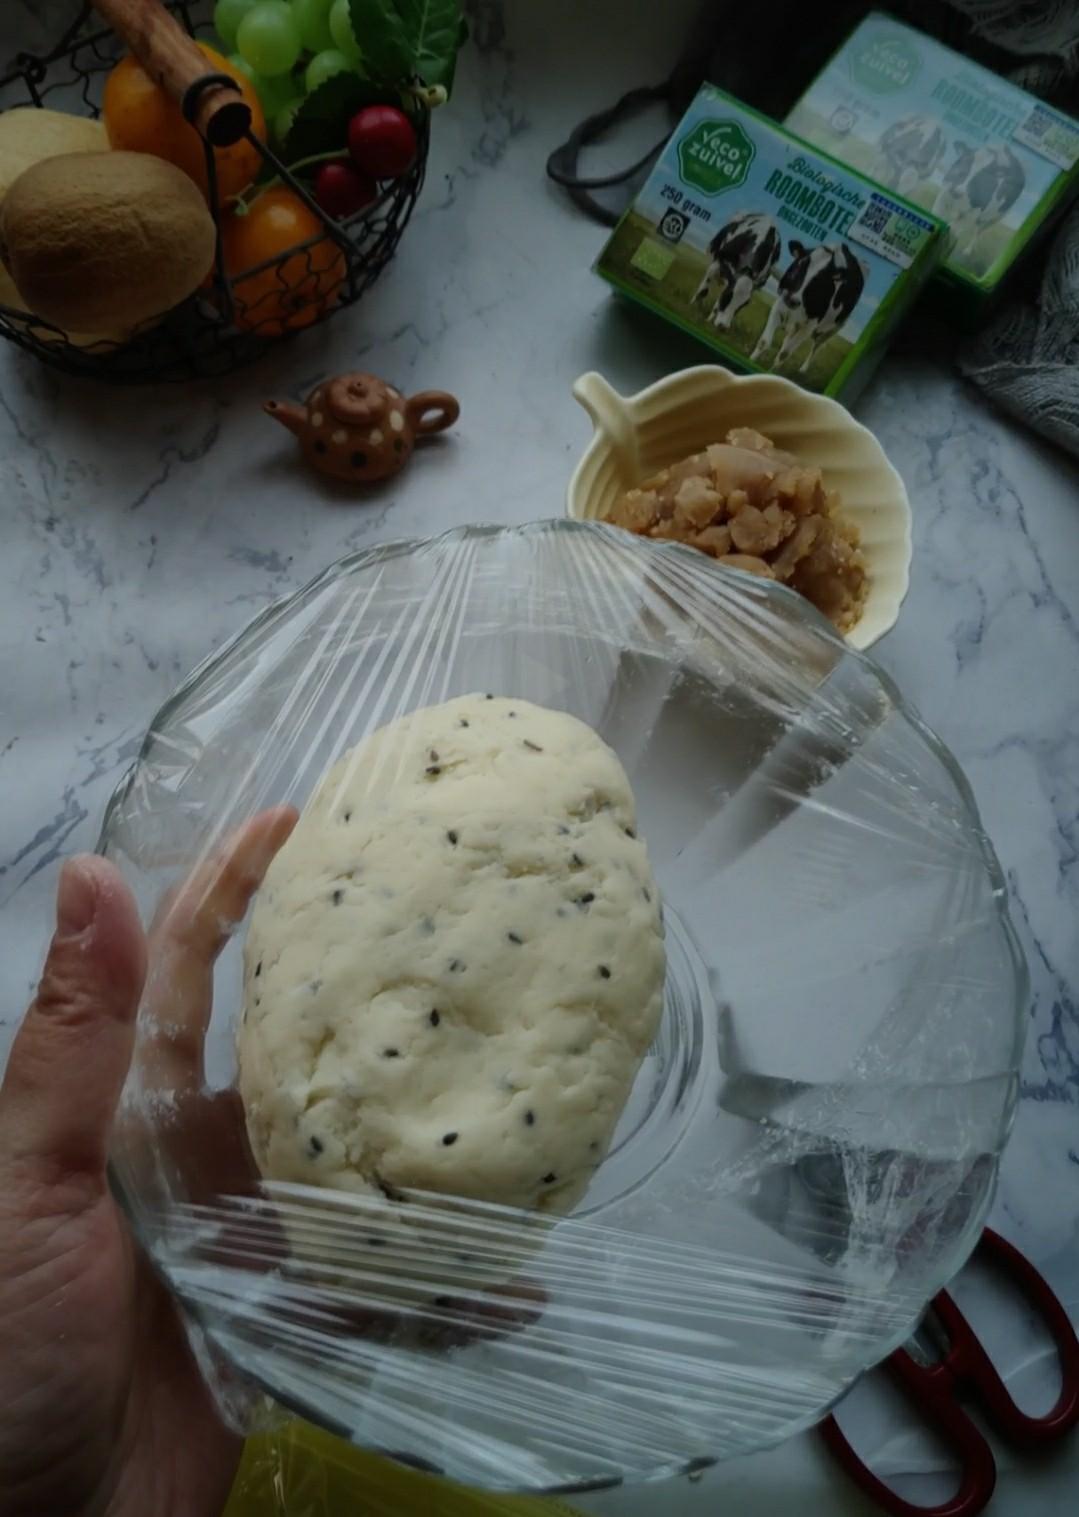 莲蓉麻薯包怎么煮